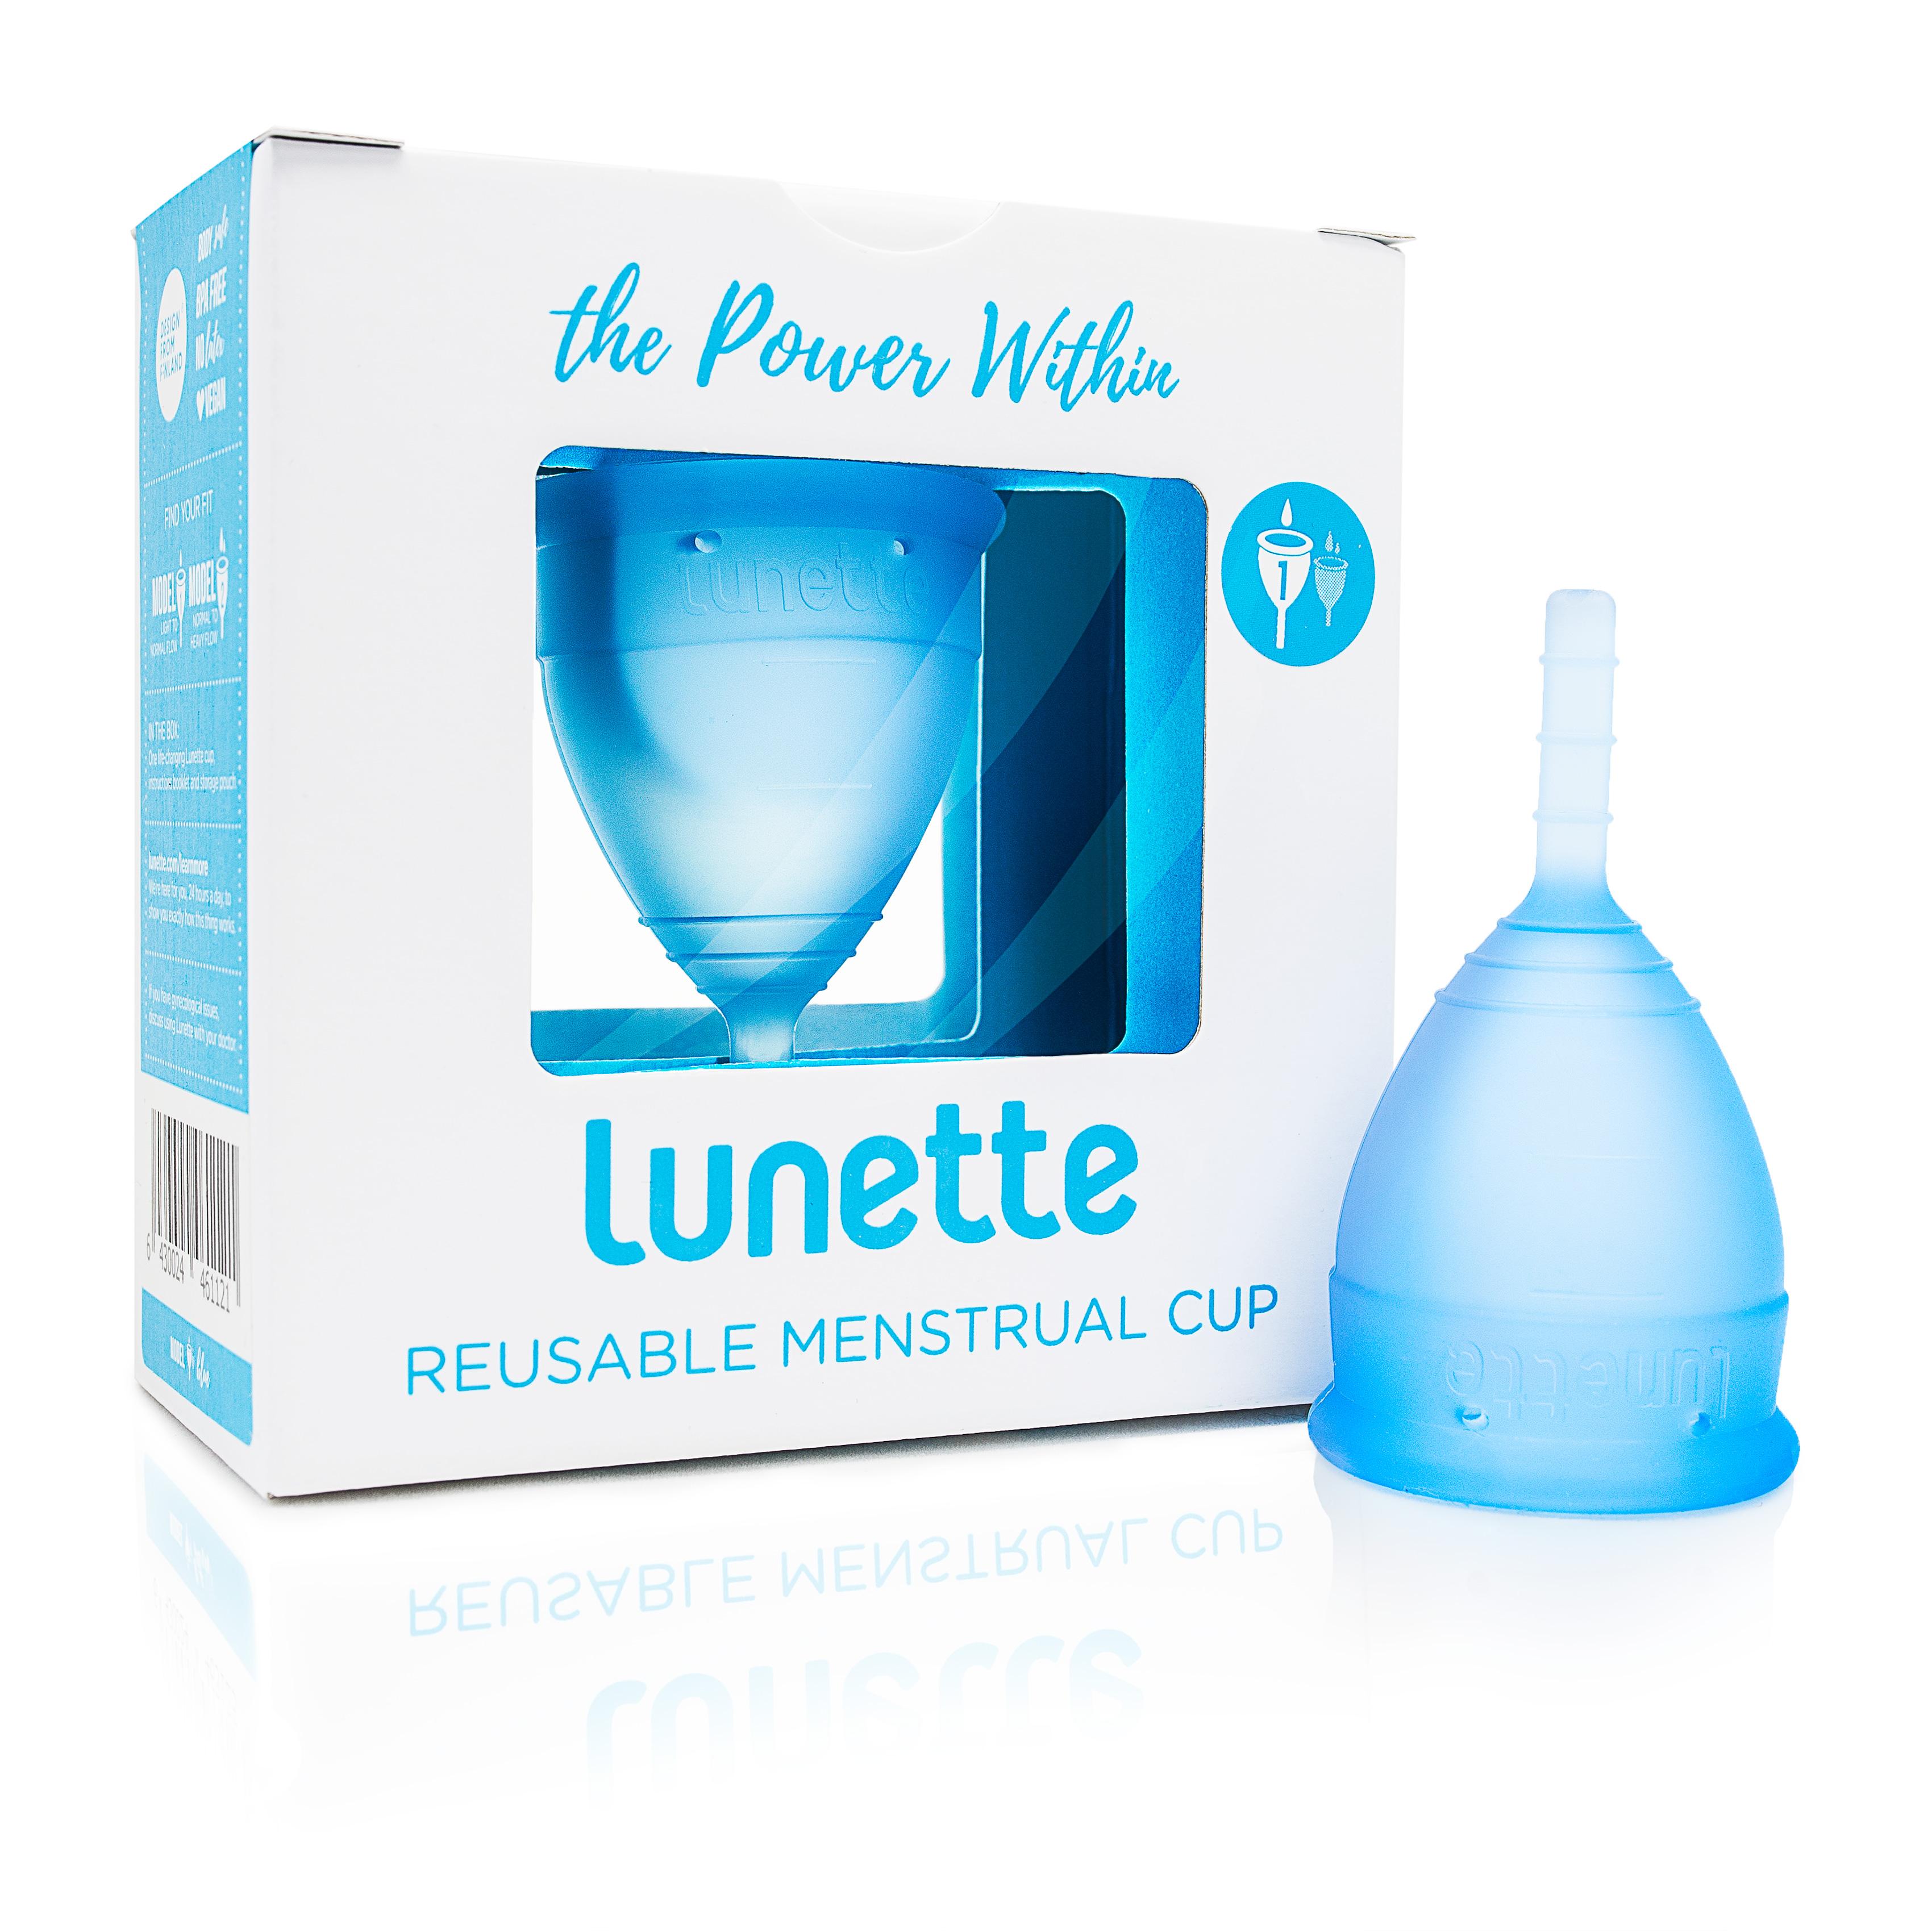 Lunette Menstruationskappe